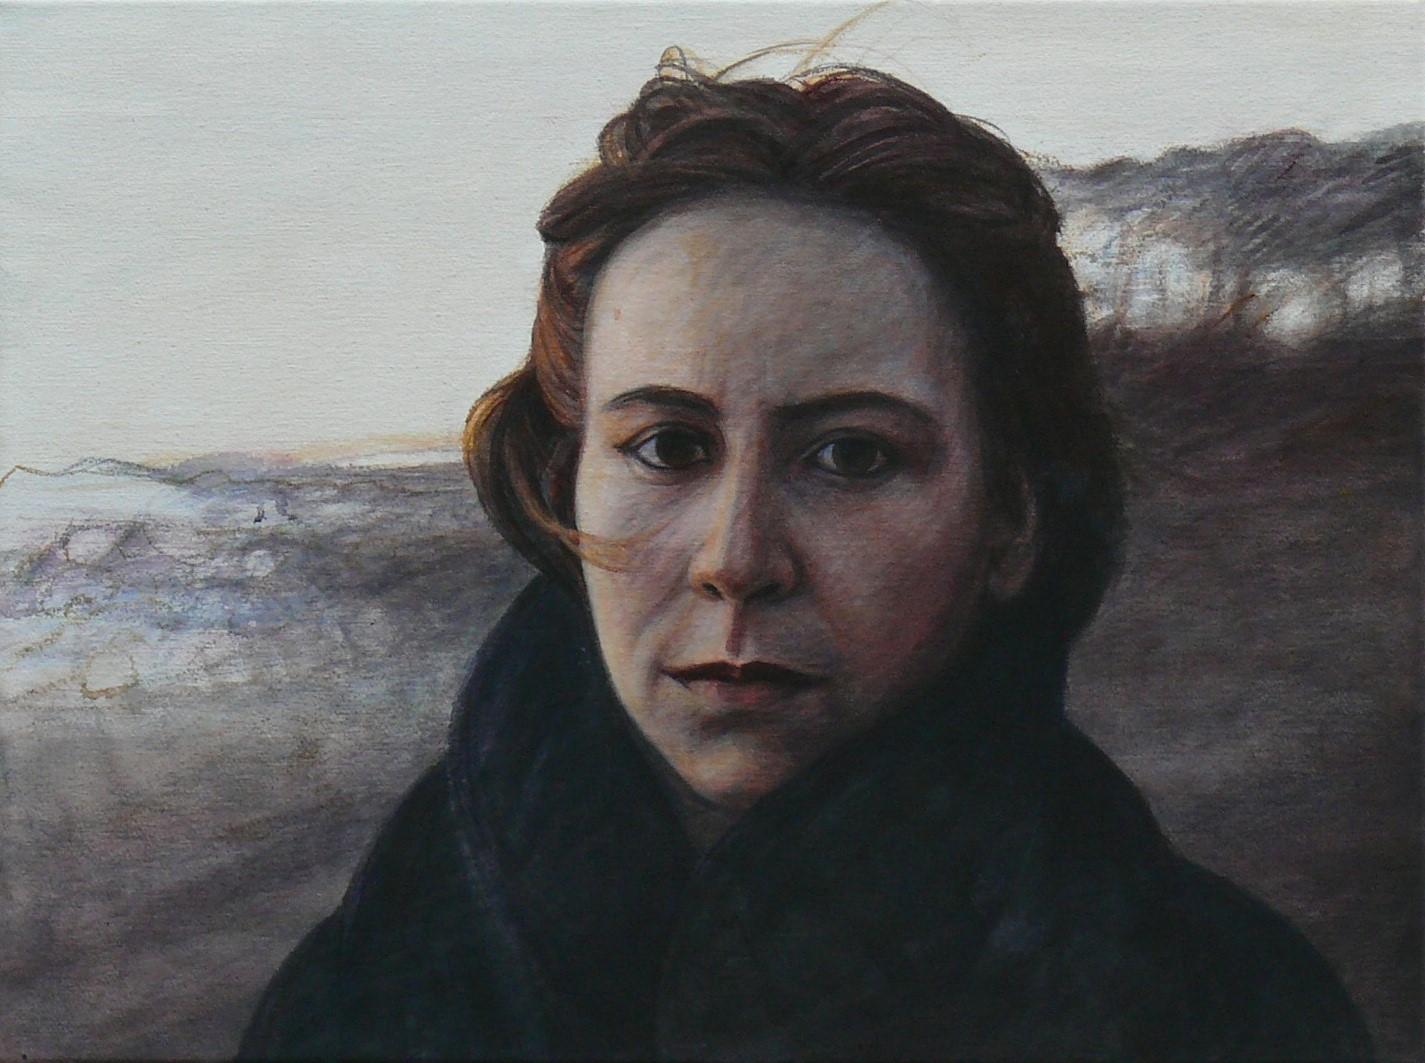 Ruth  2020 (links)   Diptychon Acryl/Leinwand   48x36 cm